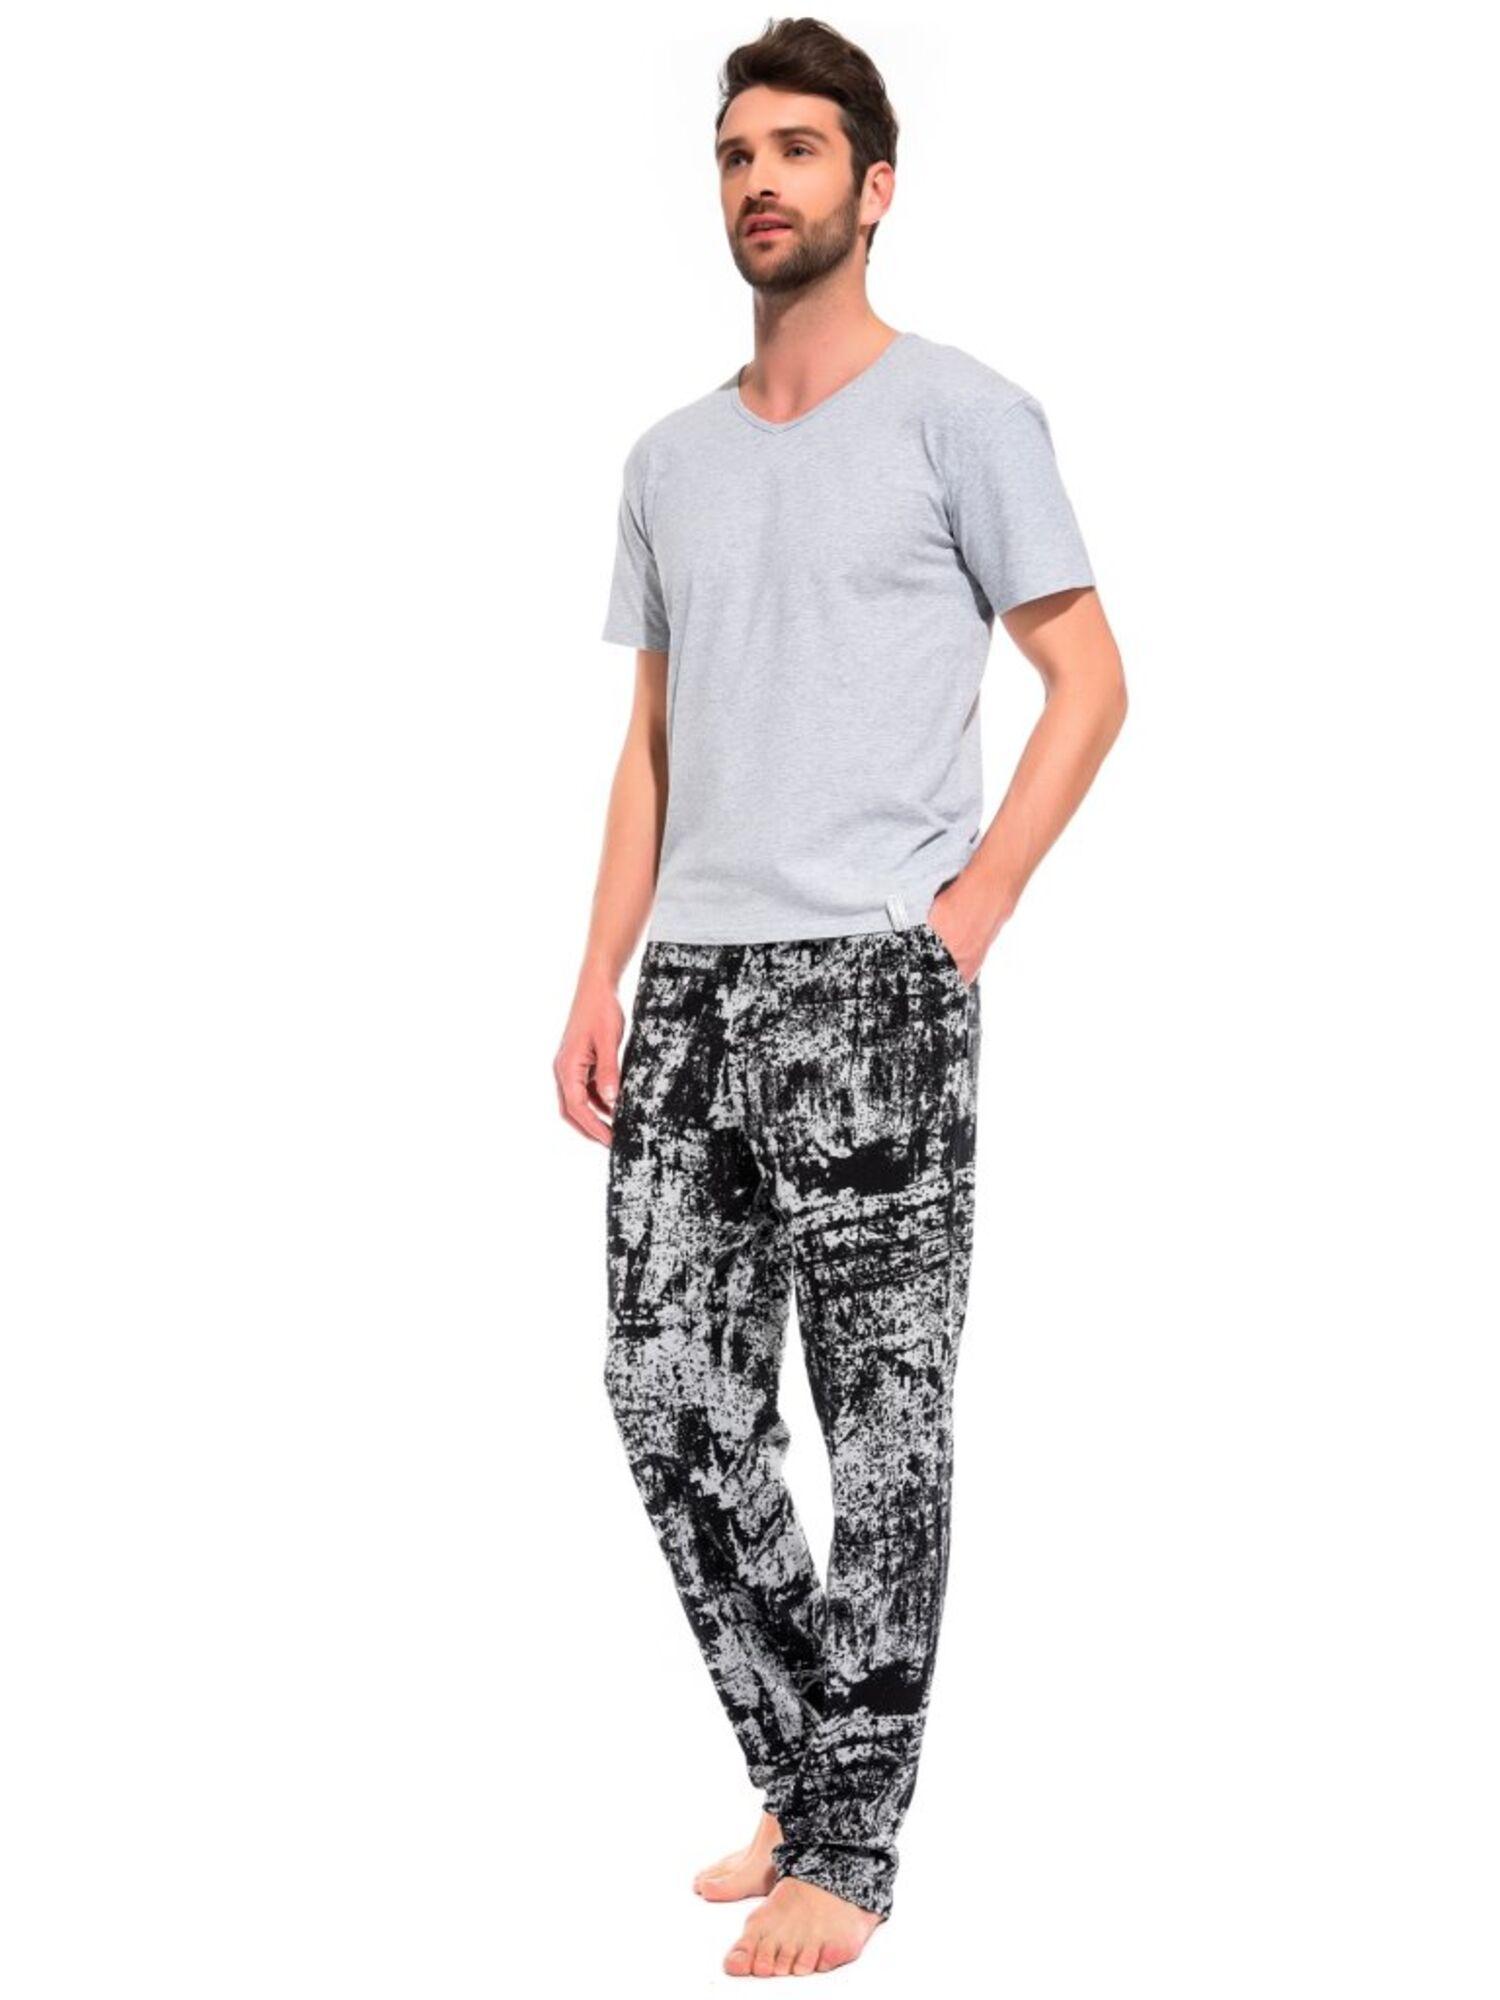 Легкие трикотажные брюки Graphiste 040 серый